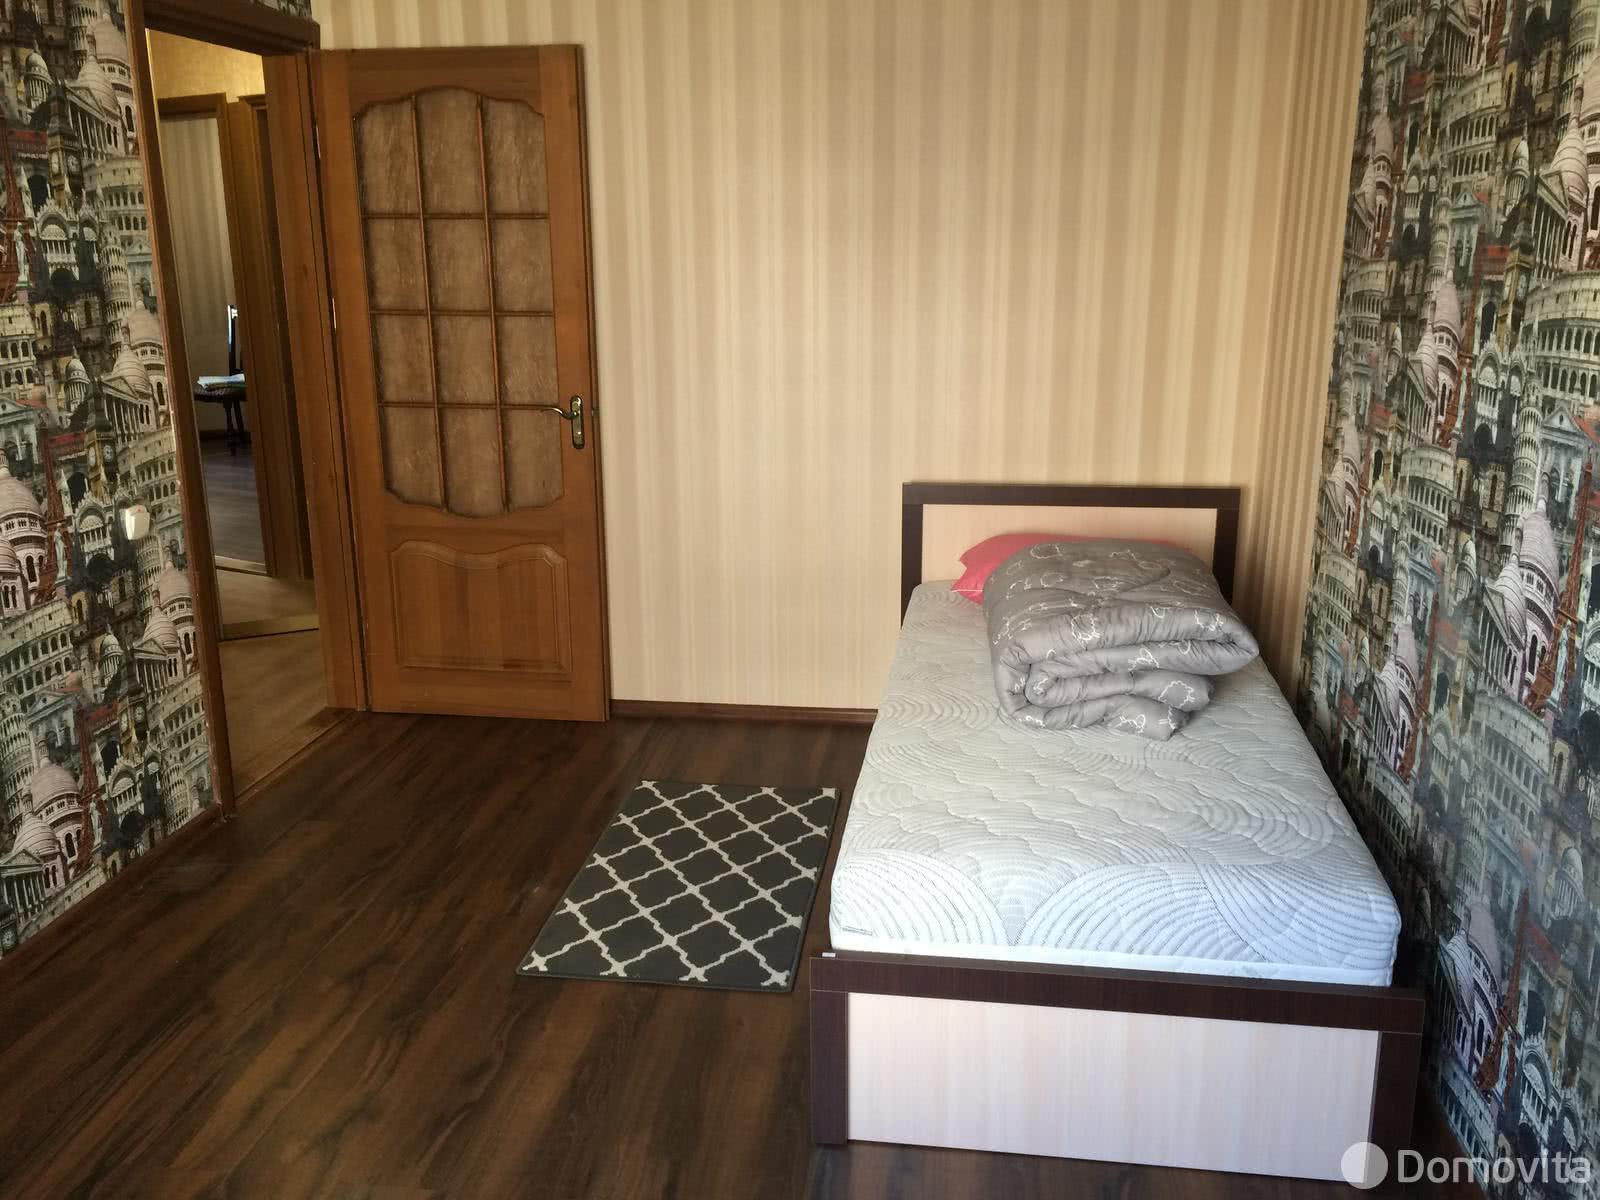 3-комнатная квартира на сутки в Волковыске, Волковысский район, ул. Горбатова, д. 20 - фото 6